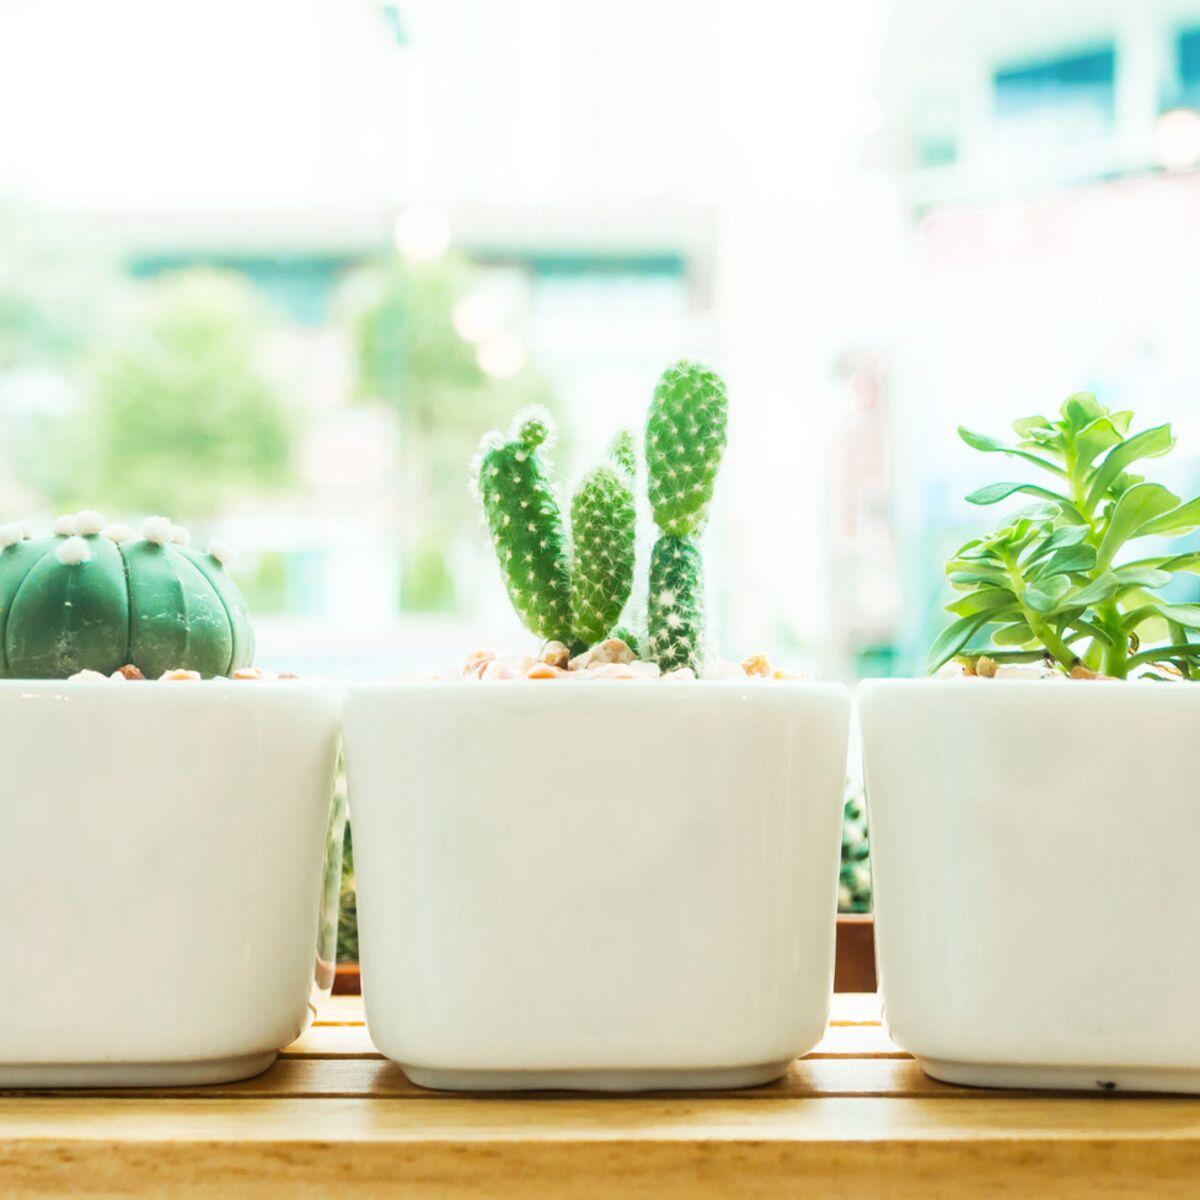 Comment Entretenir Une Plante Aloe Vera plantes grasses : comment les entretenir ? : femme actuelle